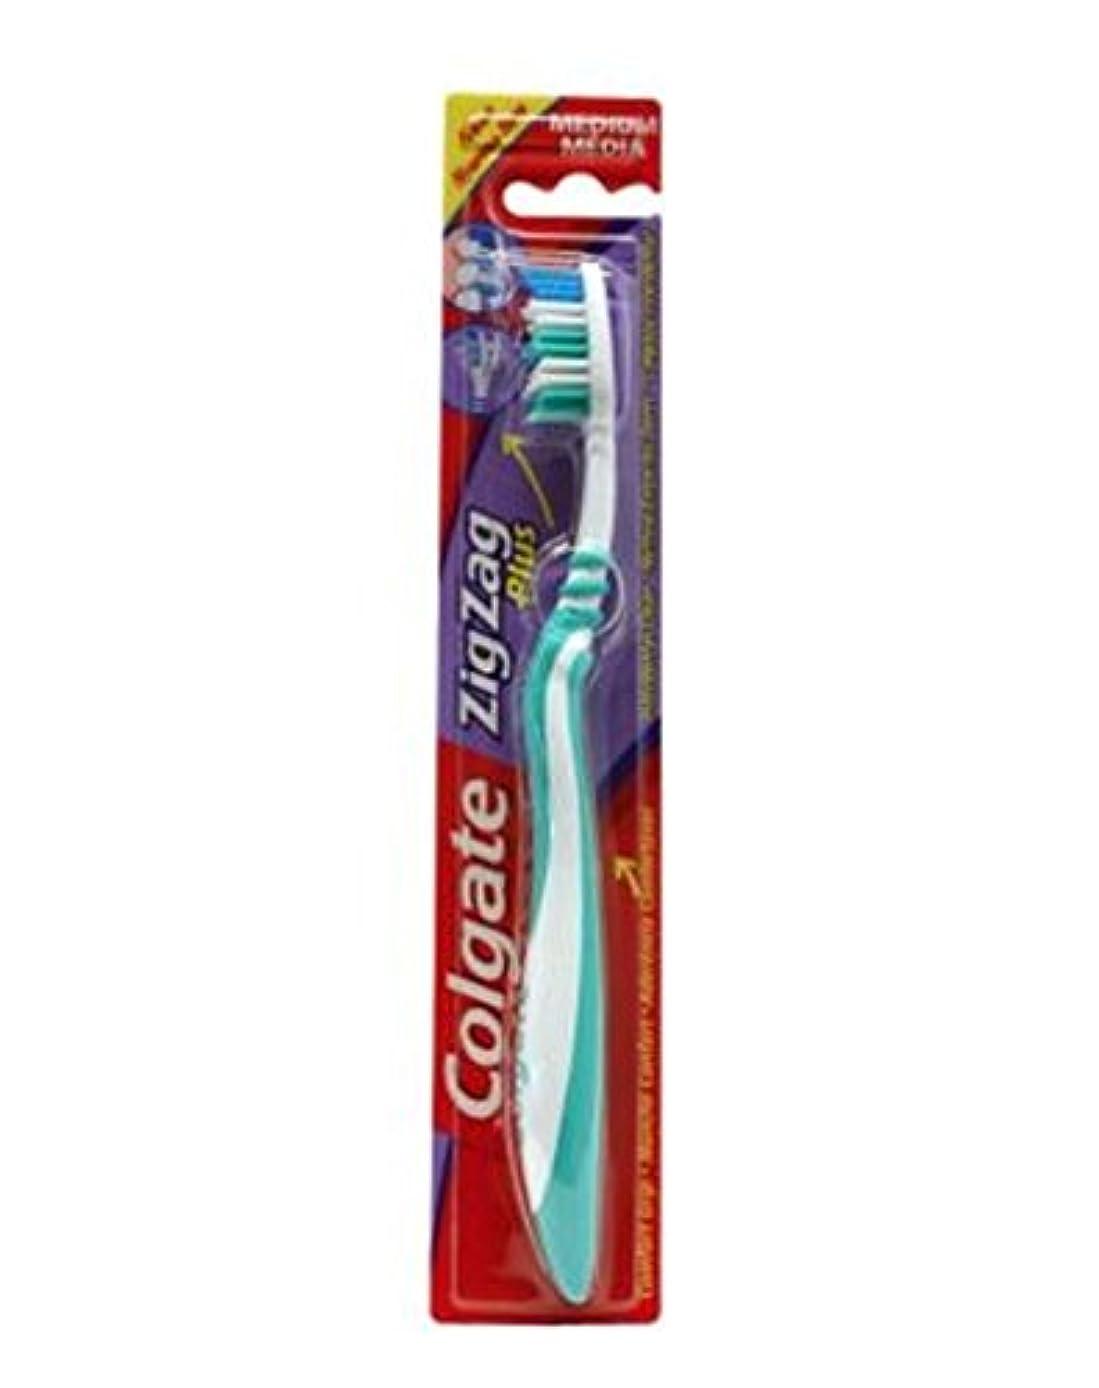 区別するクライストチャーチ記念碑的なColgate Zig Zag Plus Toothbrush Medium - コルゲートジグザグプラス歯ブラシ媒体 (Colgate) [並行輸入品]